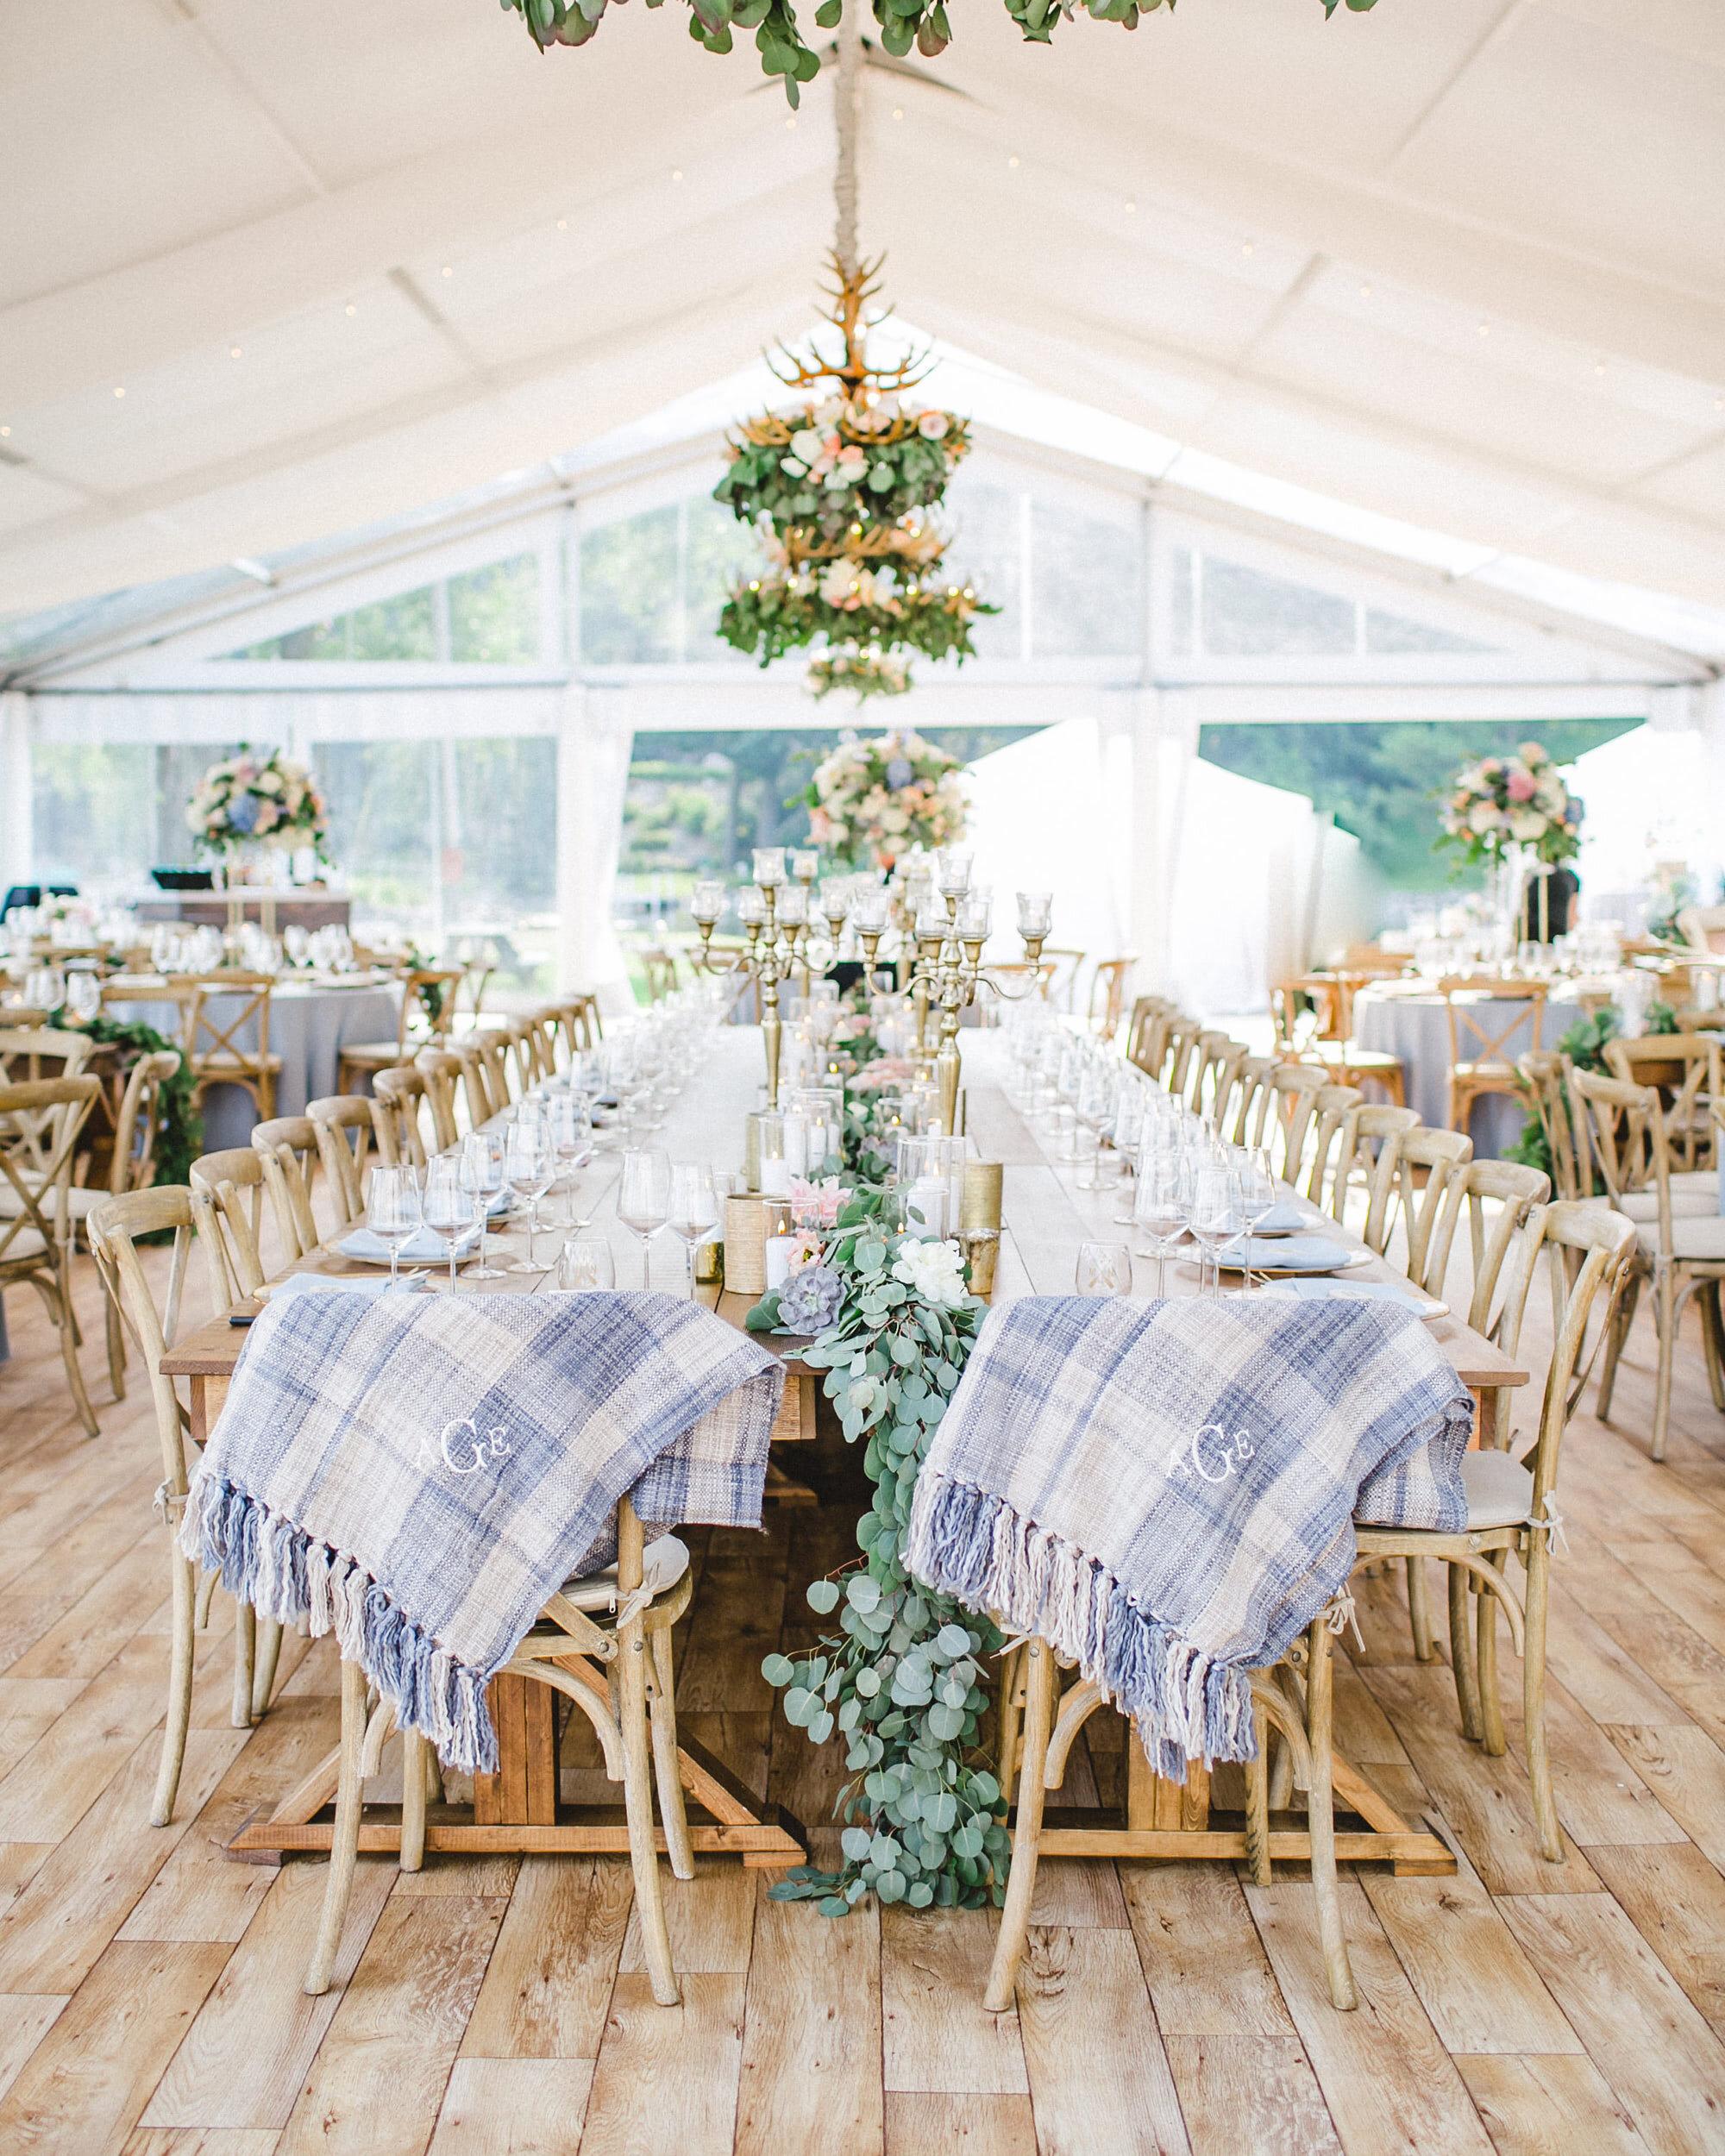 Butternut-Custom-Farm-Table-and-Chair-Rental-Farmhouse-Foundry-2.jpg